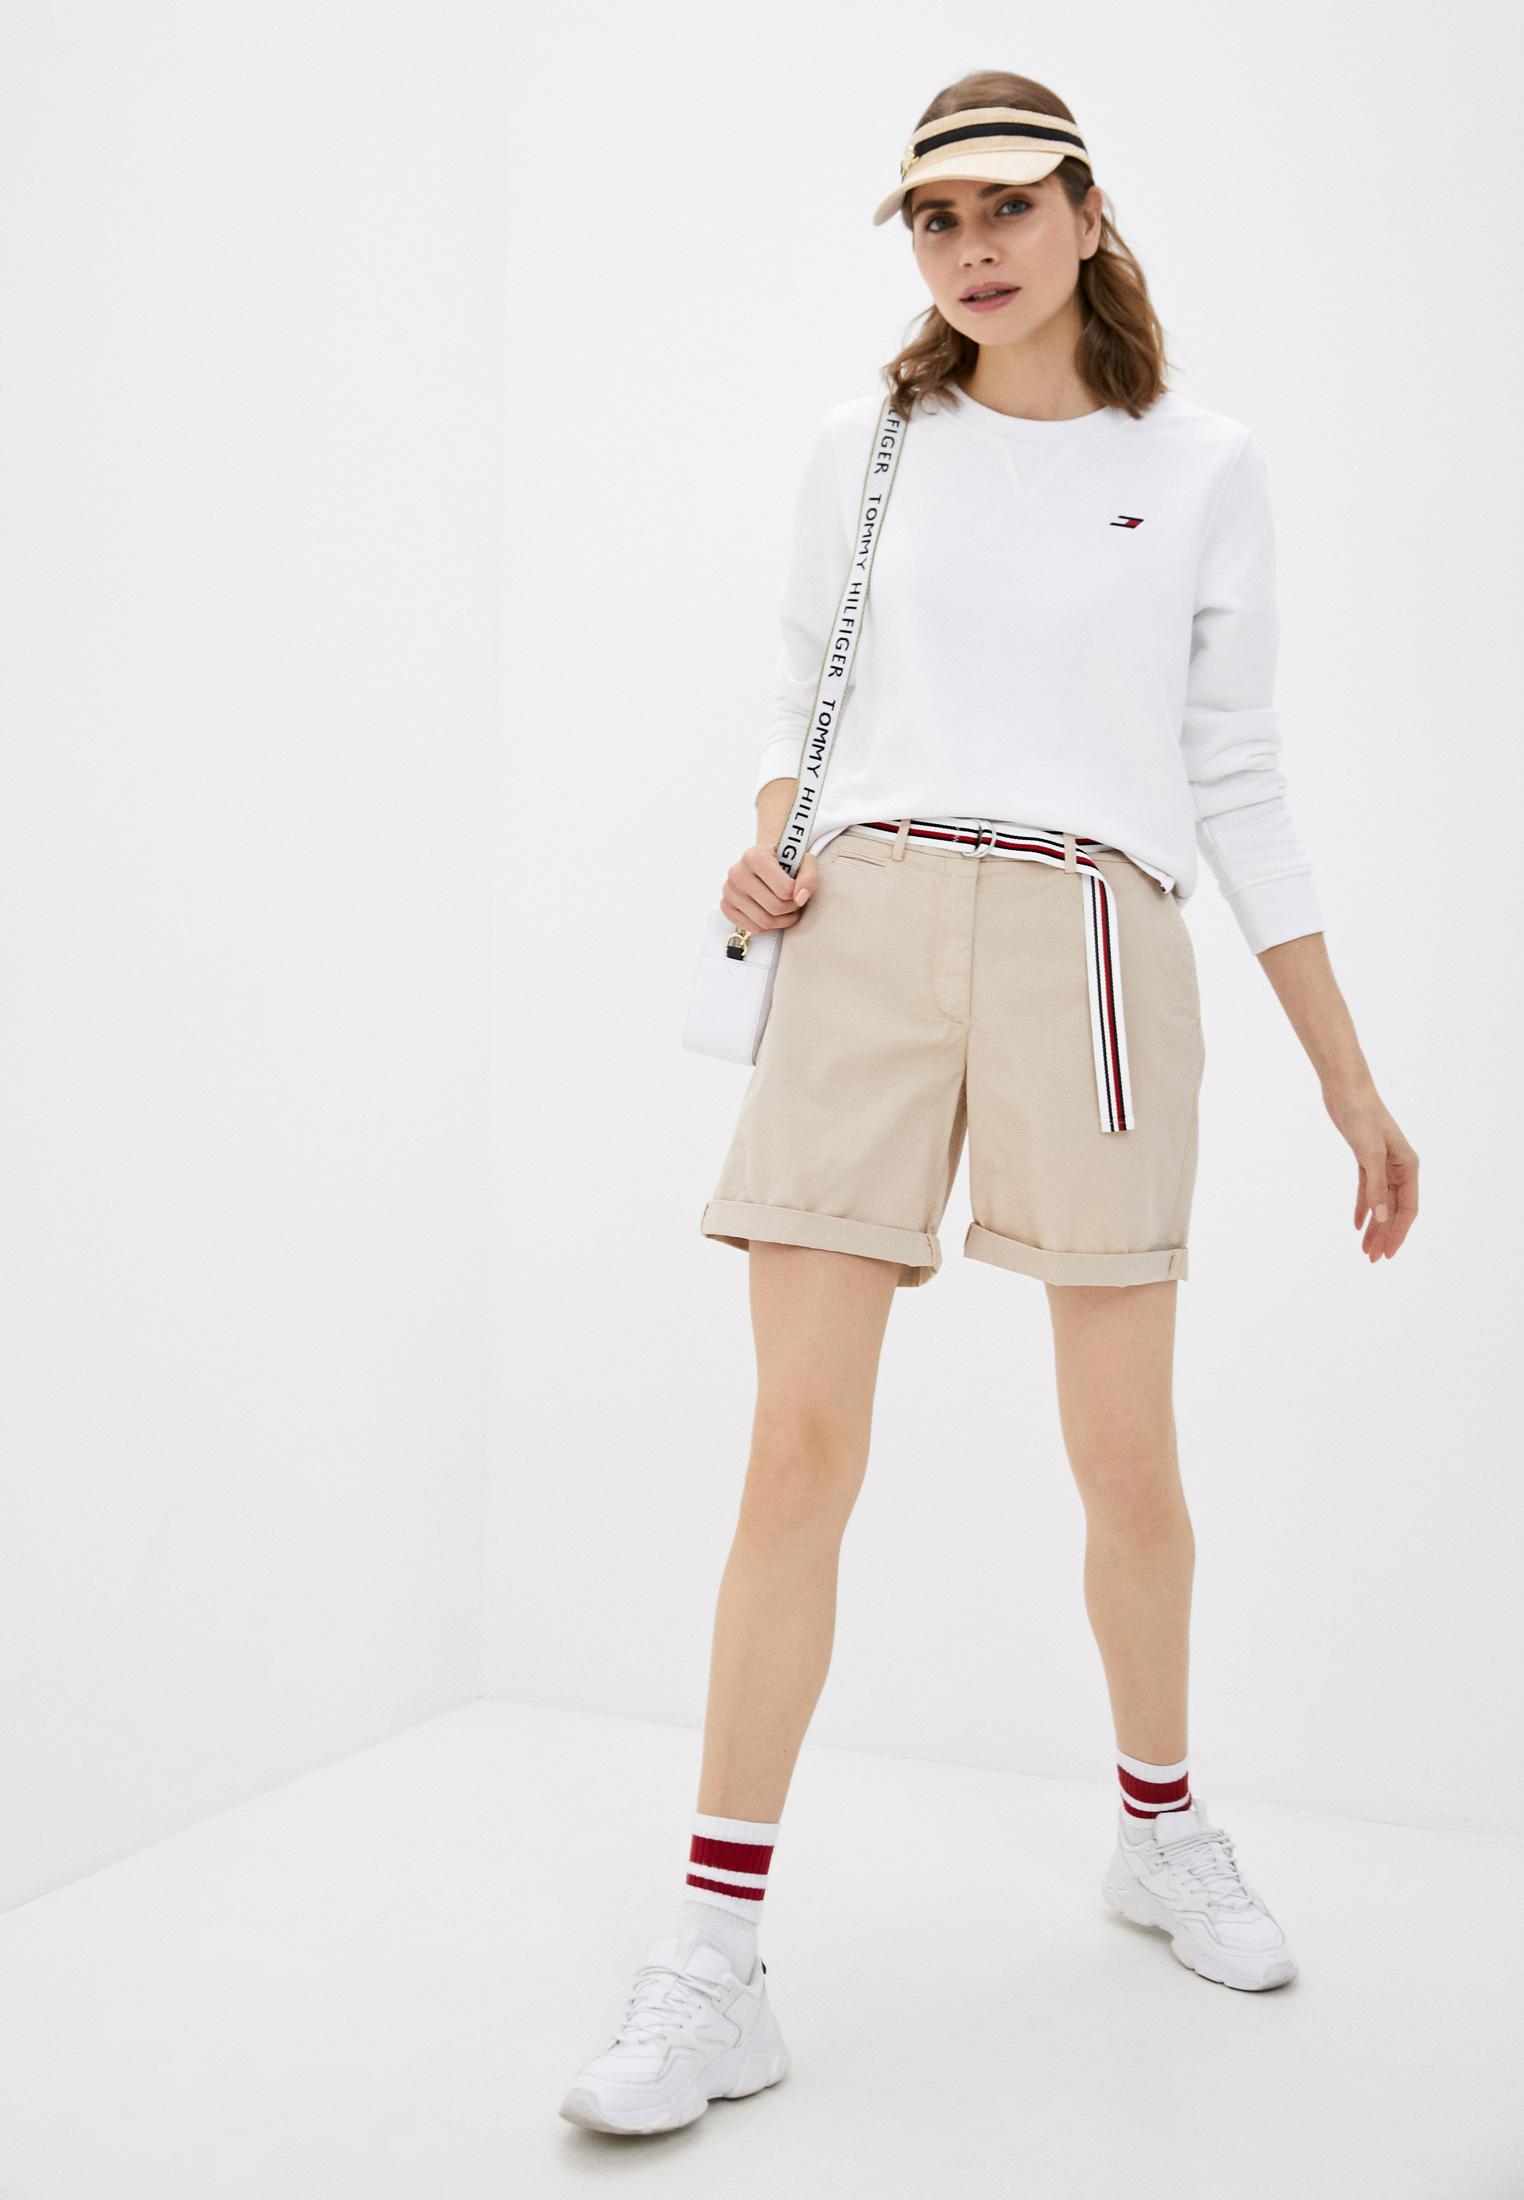 Женские повседневные шорты Tommy Hilfiger (Томми Хилфигер) WW0WW30482: изображение 2